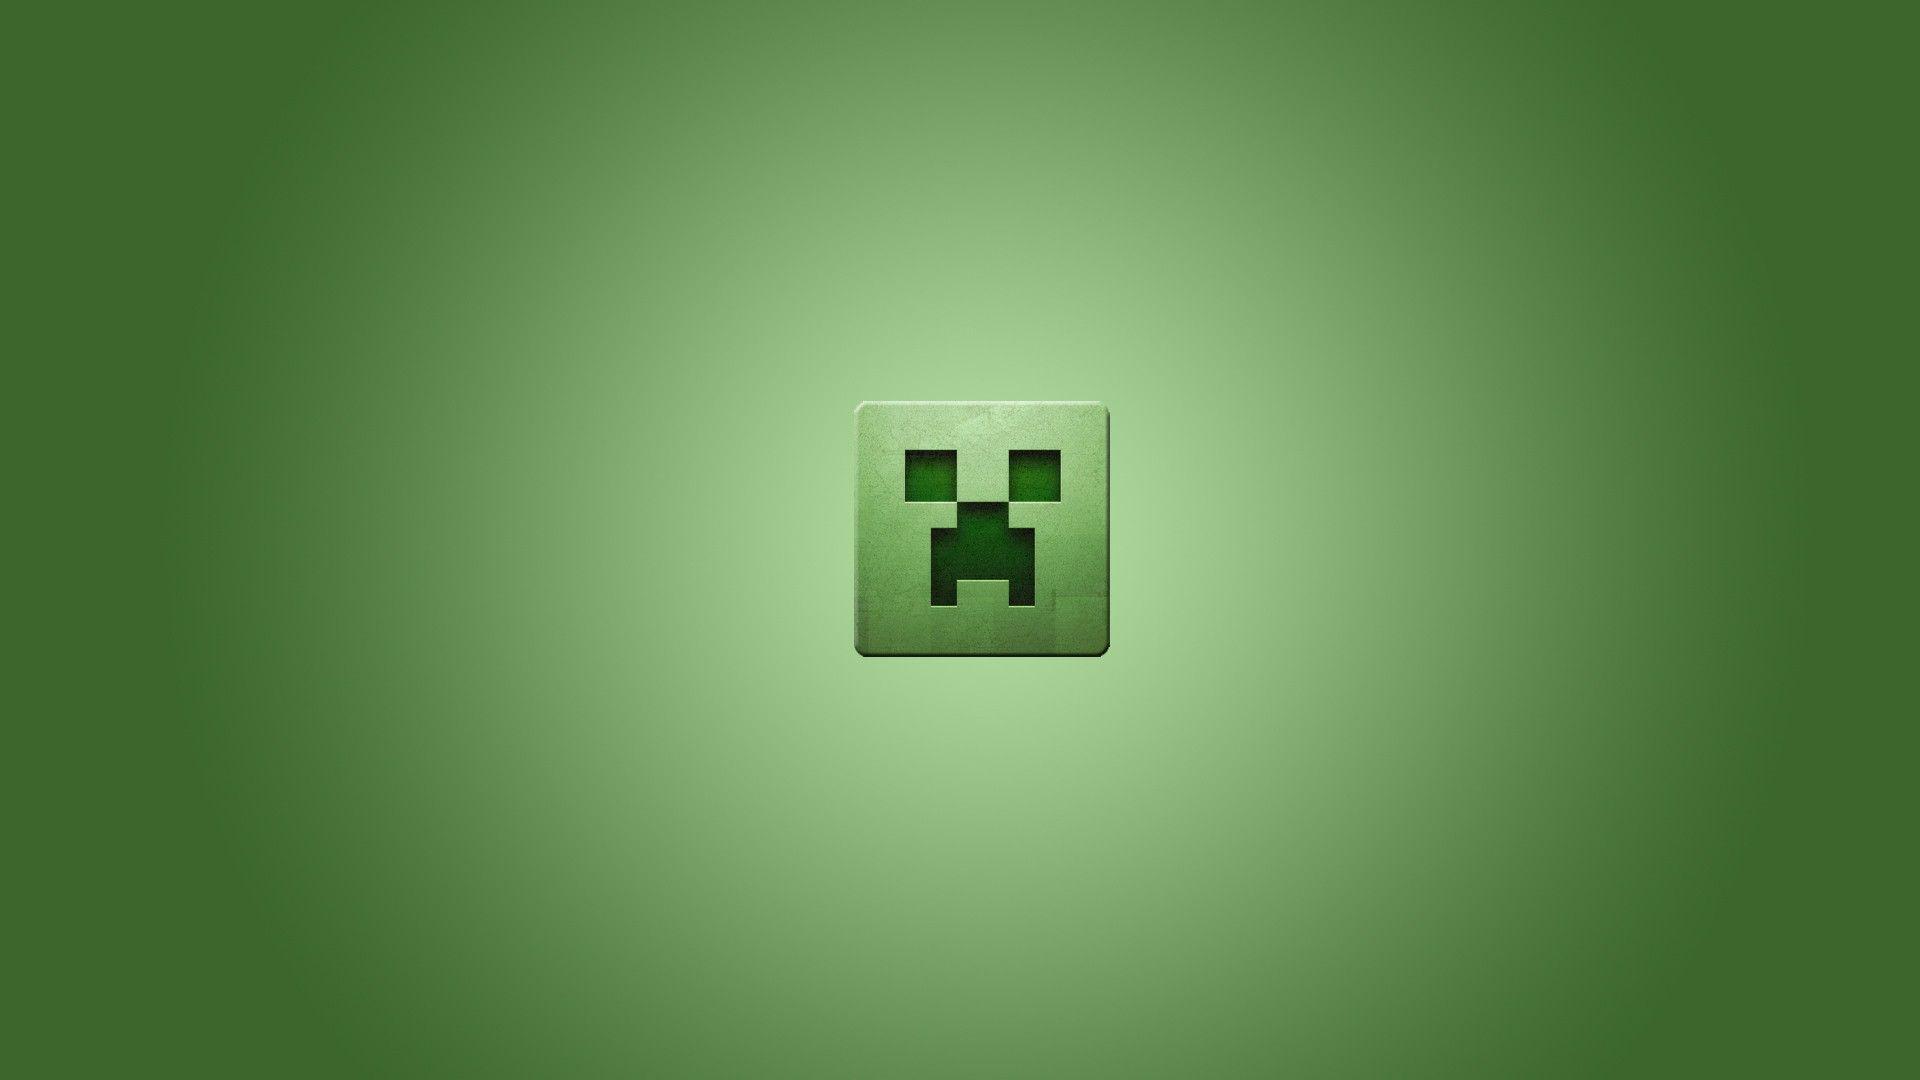 Must see Wallpaper Minecraft Minimalistic - b20249e36034d8091b8bc0002de53d53  Gallery_74421.jpg